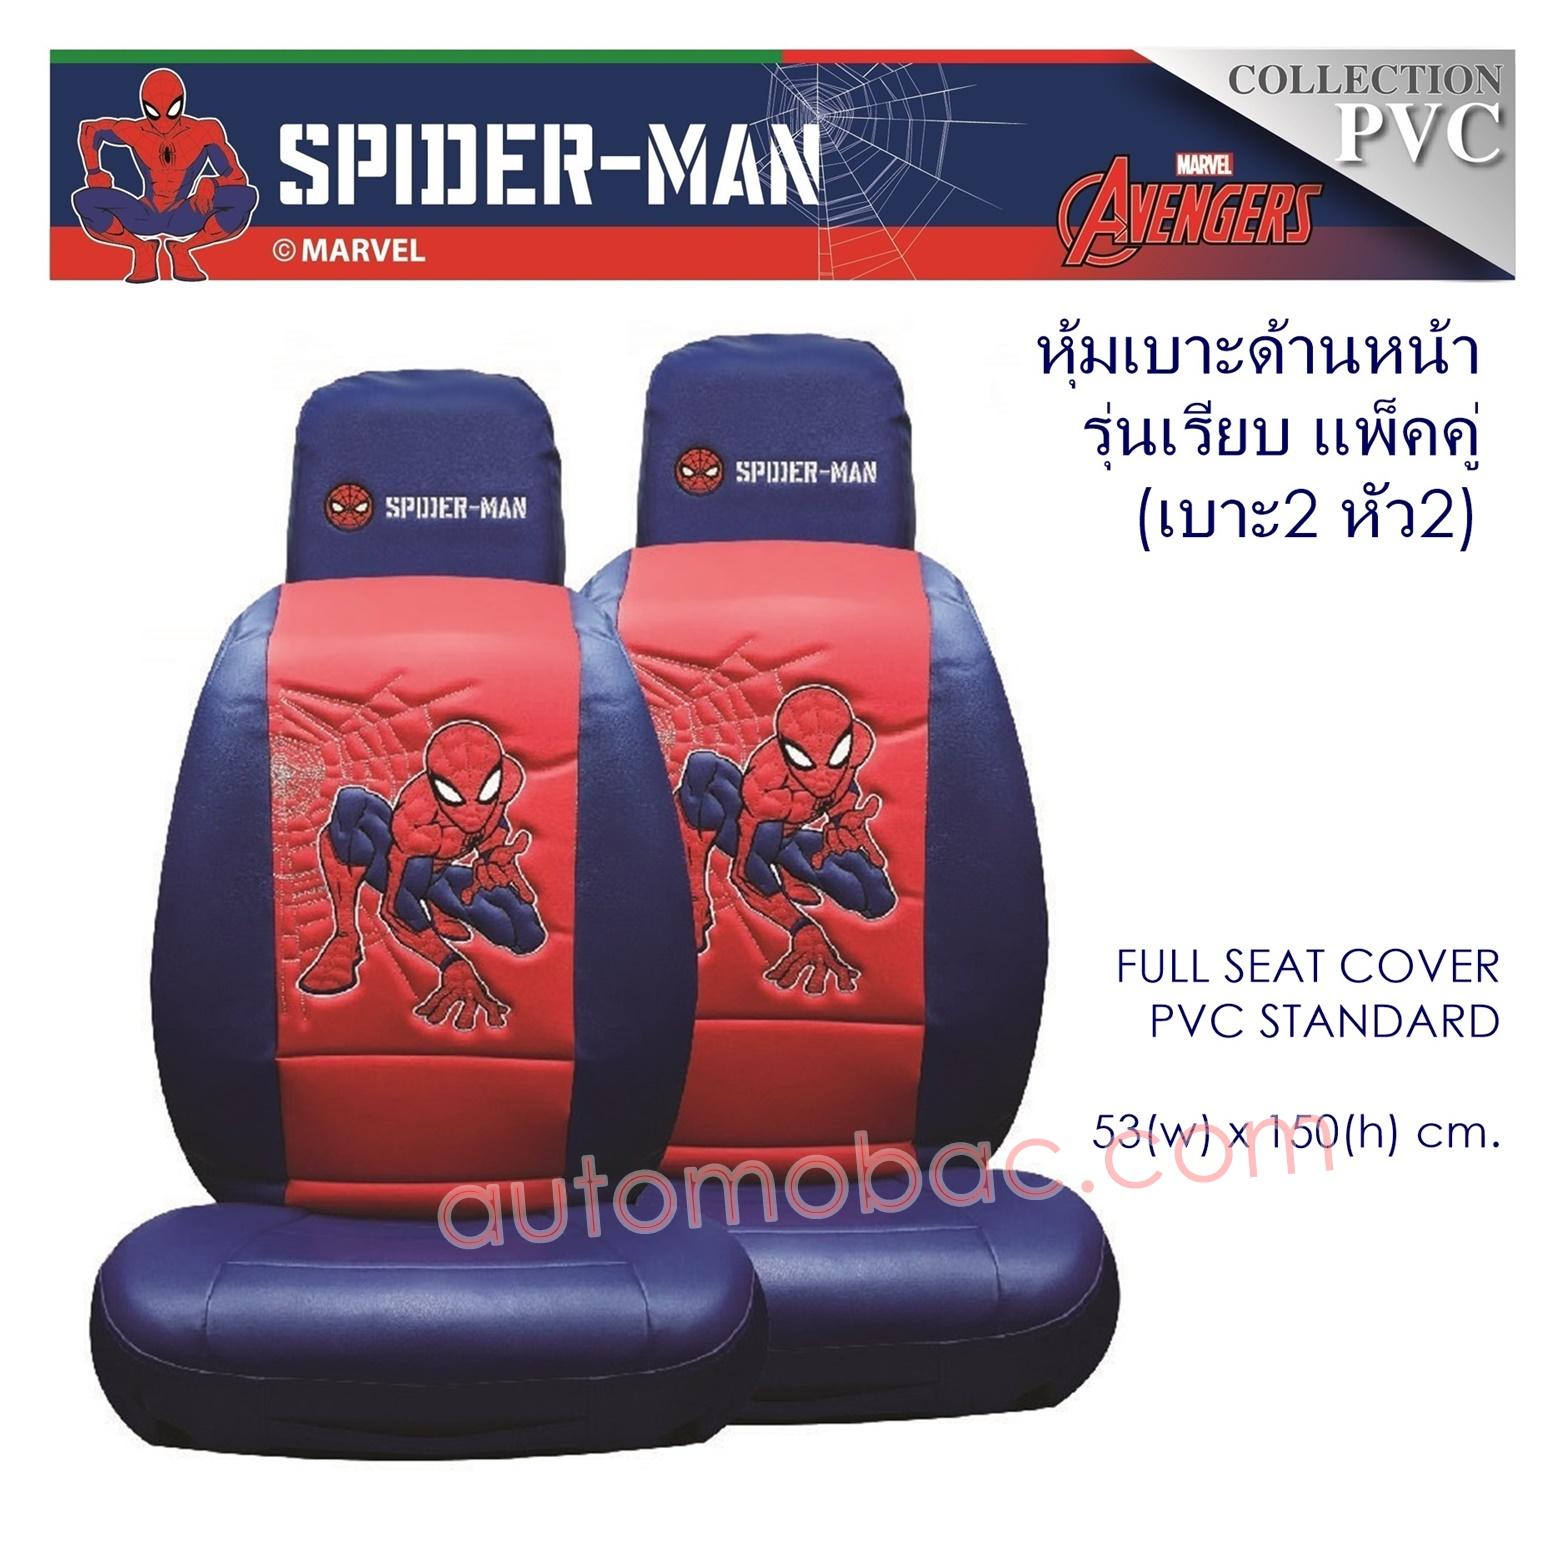 Spider-man ที่หุ้มเบาะคู่หน้าหนัง PVC แบบเรียบ แพ็คคู่ เบาะ 2 ชิ้น หัวเบาะ 2 ชิ้น ลิขสิทธ์แท้